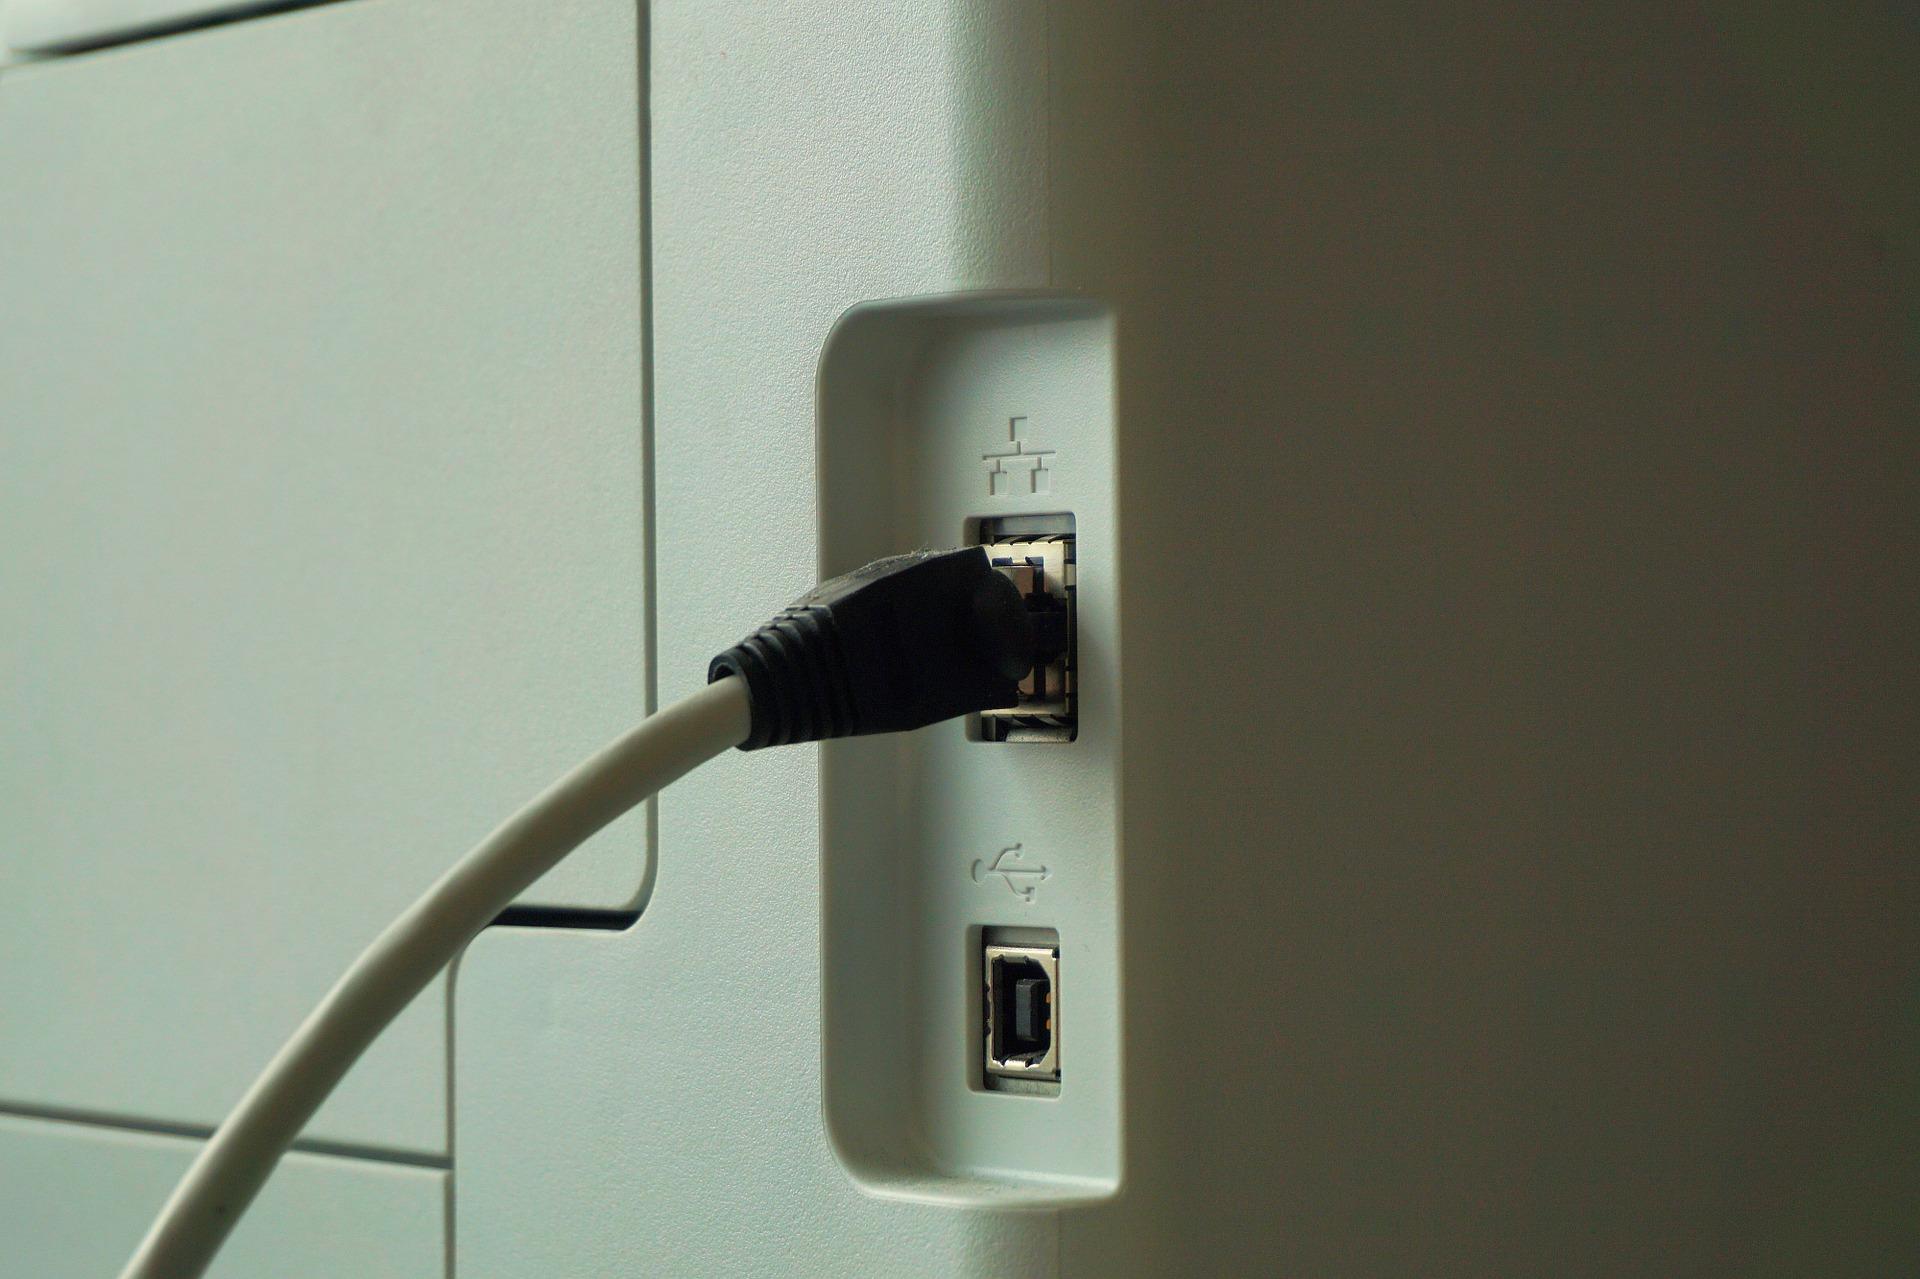 imprimante et câble USB